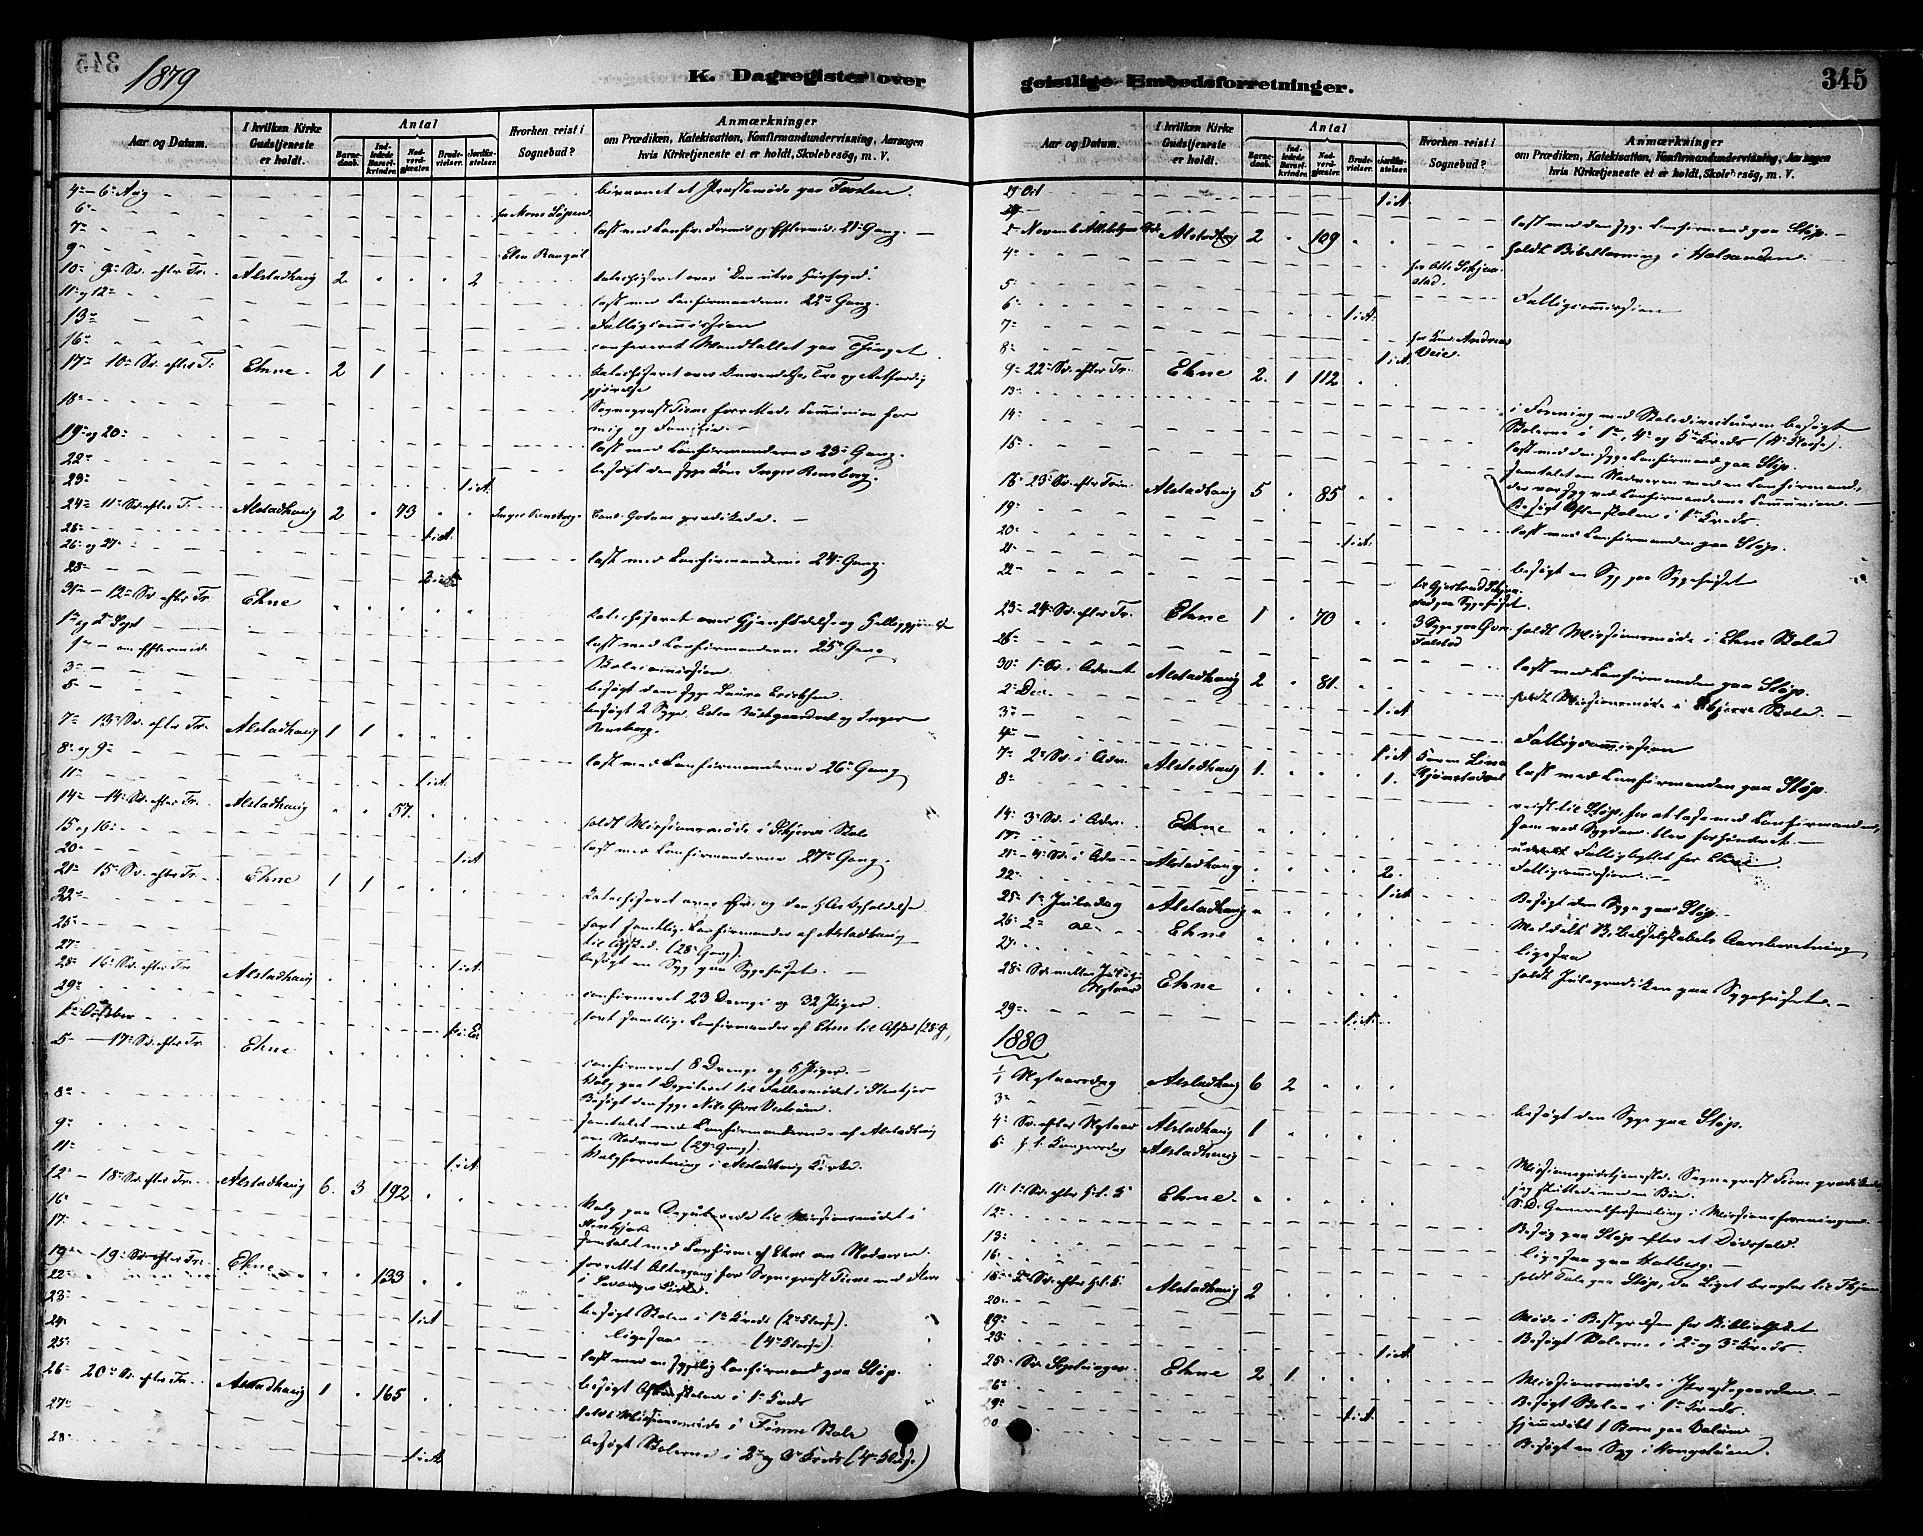 SAT, Ministerialprotokoller, klokkerbøker og fødselsregistre - Nord-Trøndelag, 717/L0159: Ministerialbok nr. 717A09, 1878-1898, s. 345